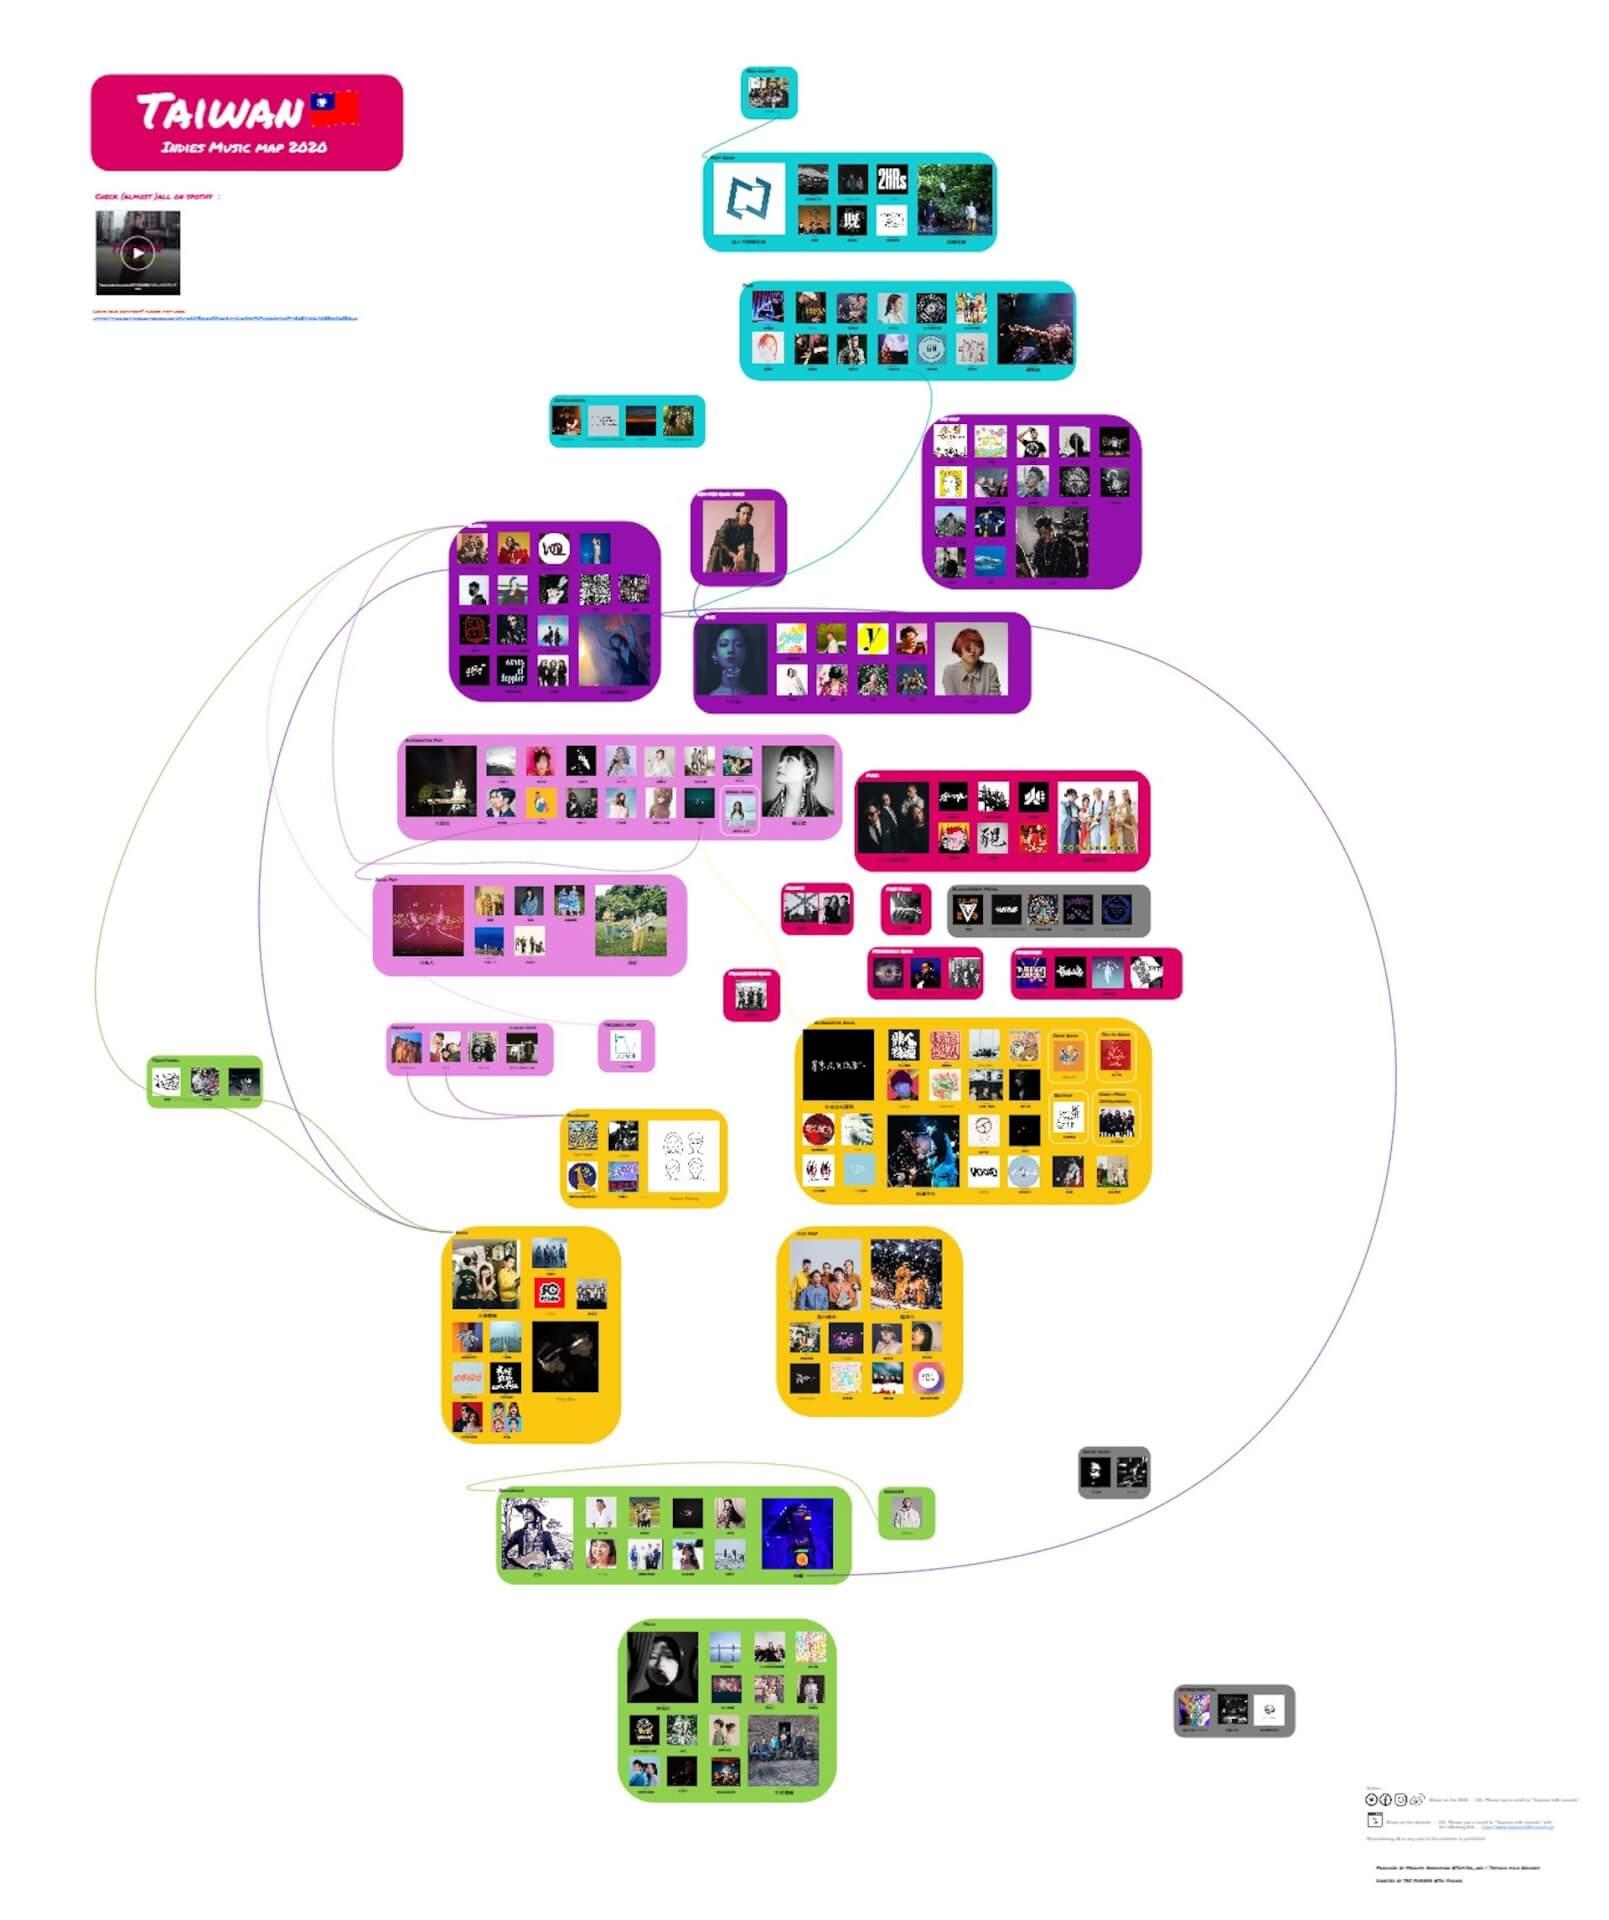 集合知で顧客体験をモダナイズするー台湾インディーズ音楽カオスマップ制作秘話 column210125_taiwan-02